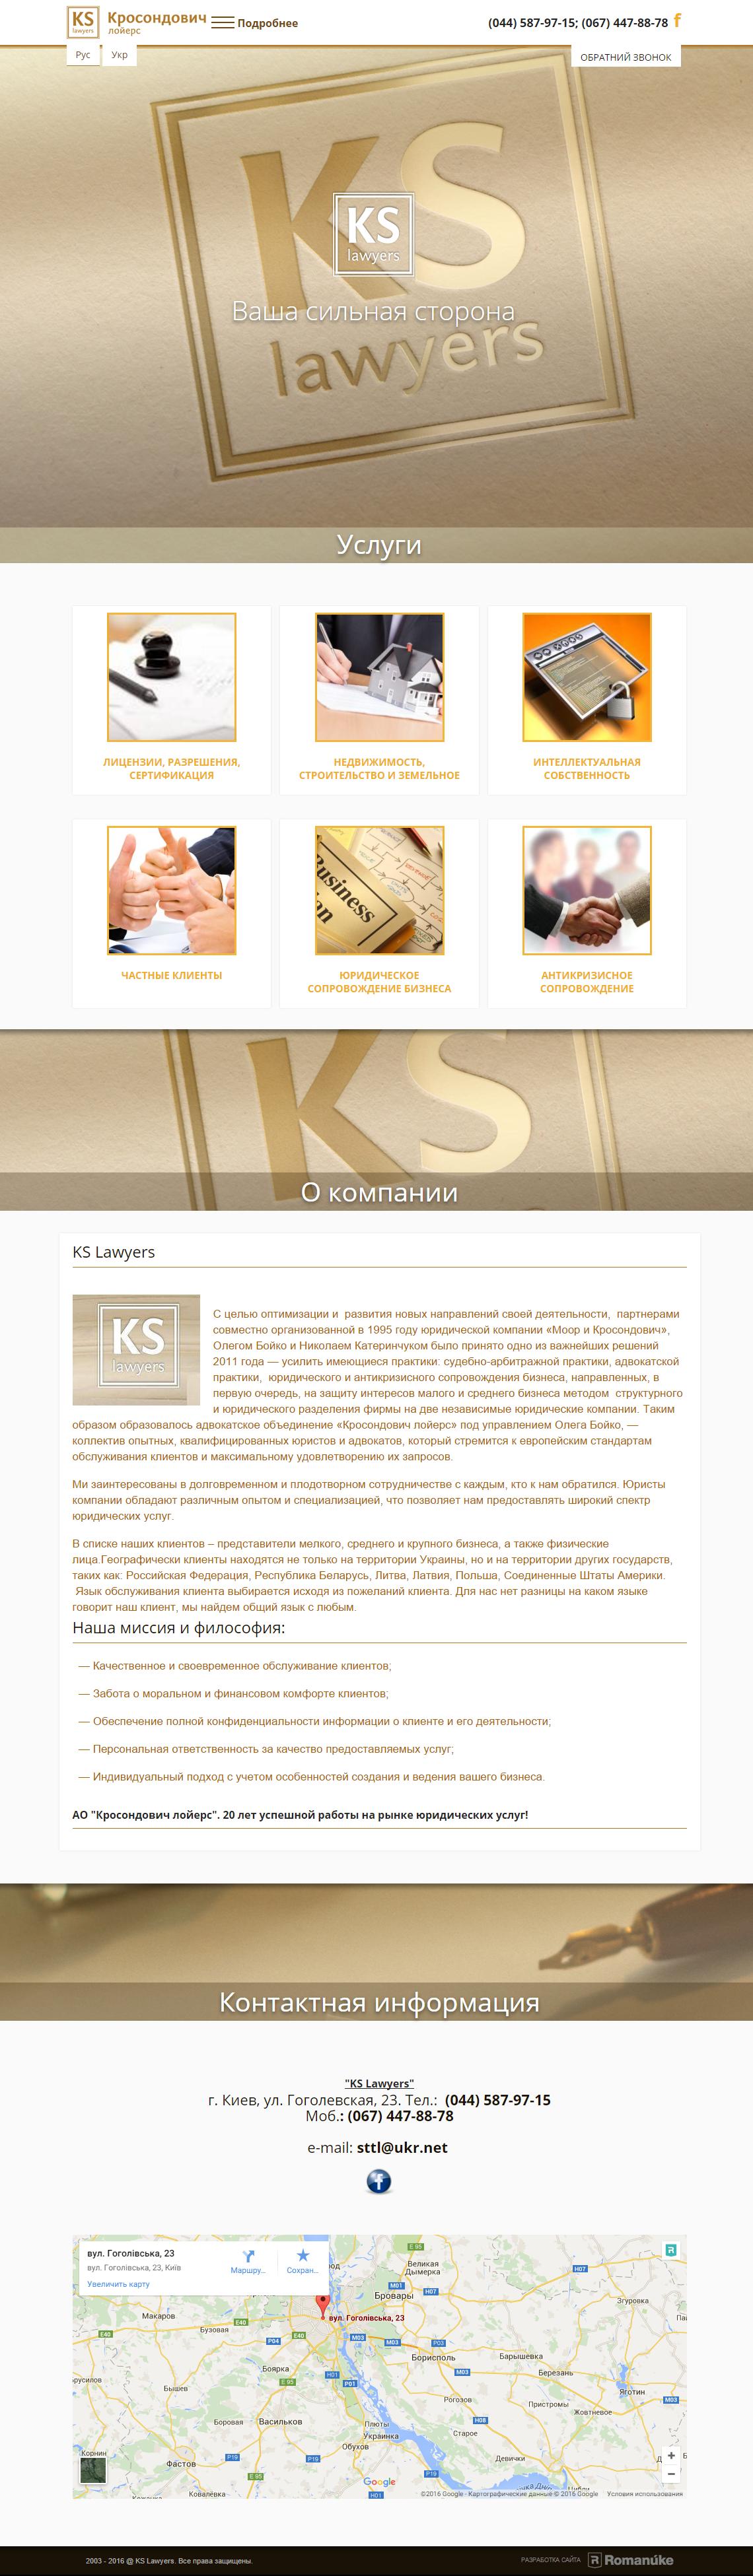 kslawkers_sozdanie_sayta